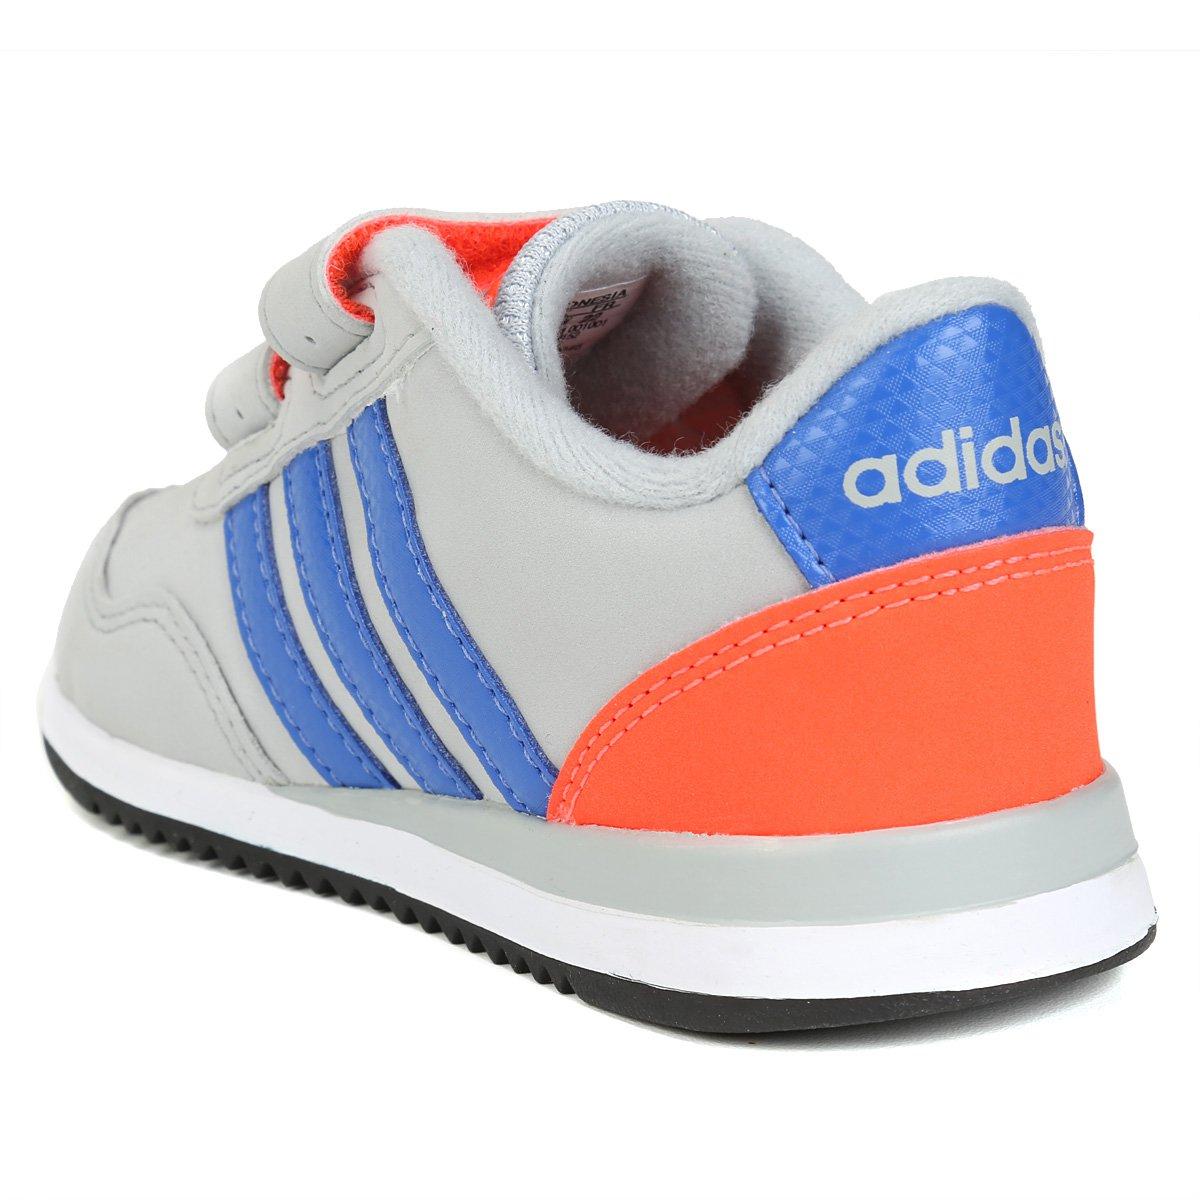 a66431584de Tênis Adidas V Jog Cmf Infantil - Compre Agora